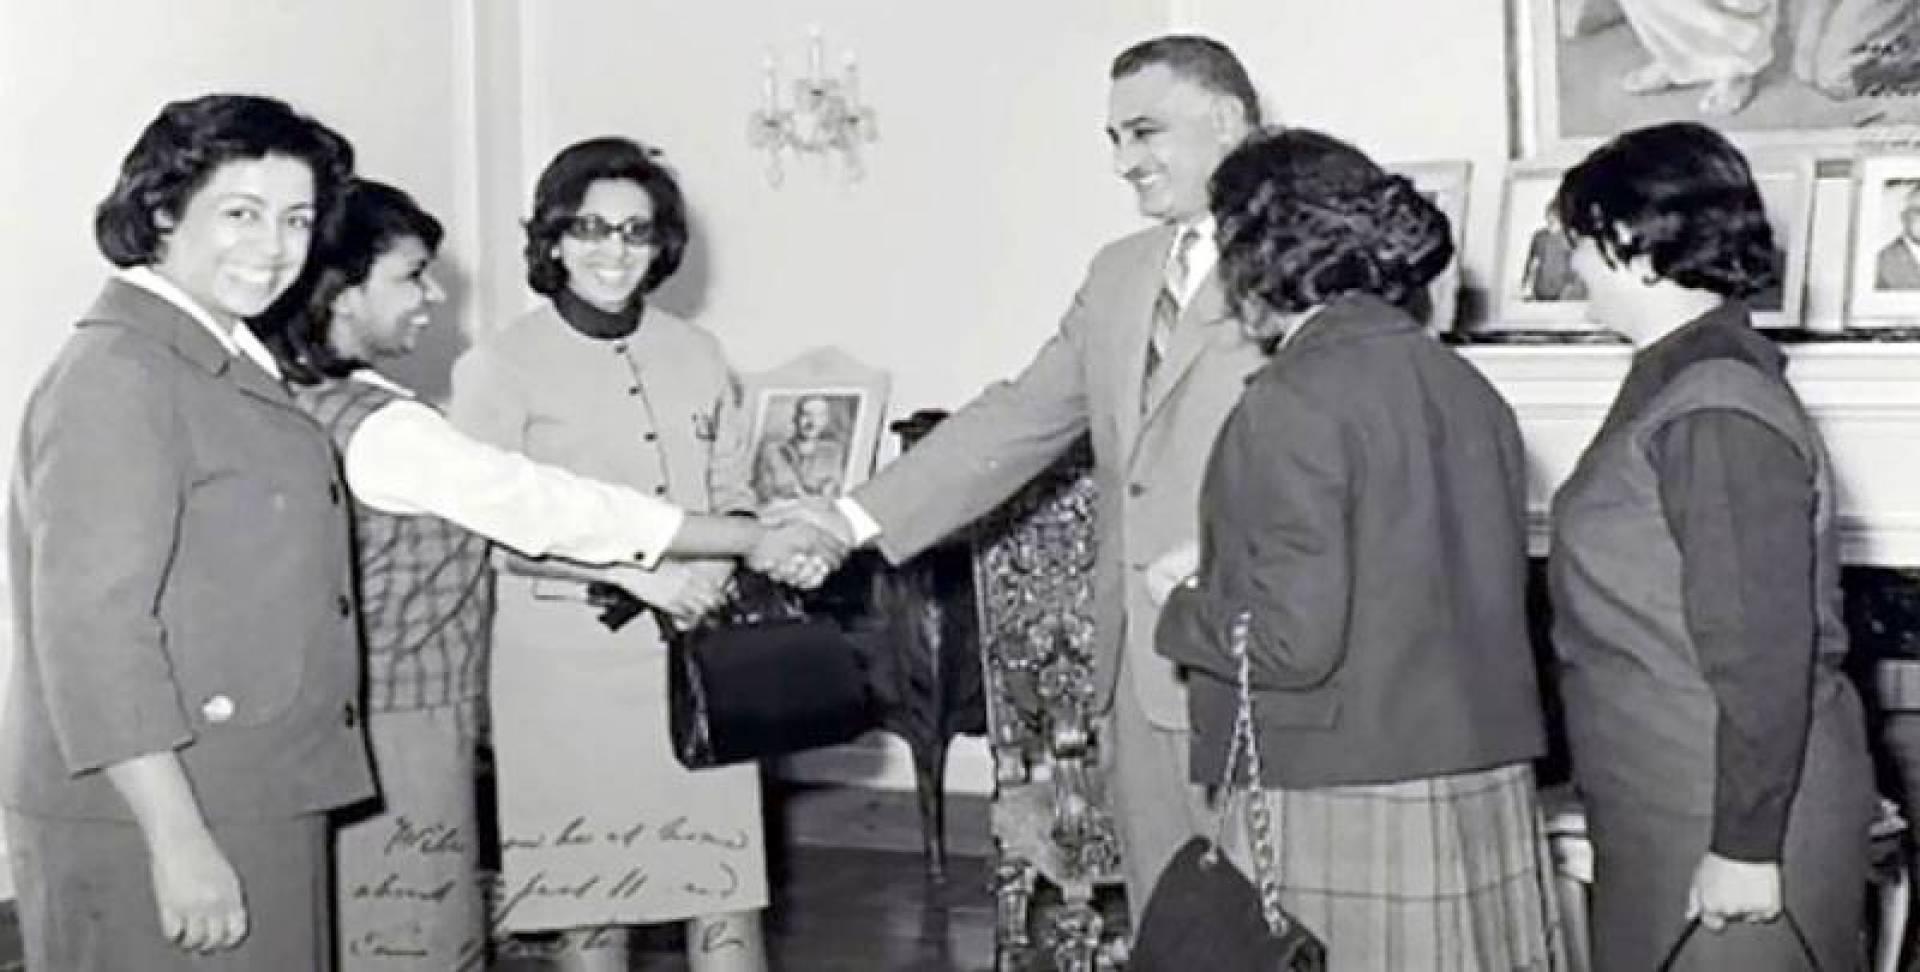 القطامي إلى يمين عبدالناصر خلال استقباله الوفد النسائي الكويتي عام 1963